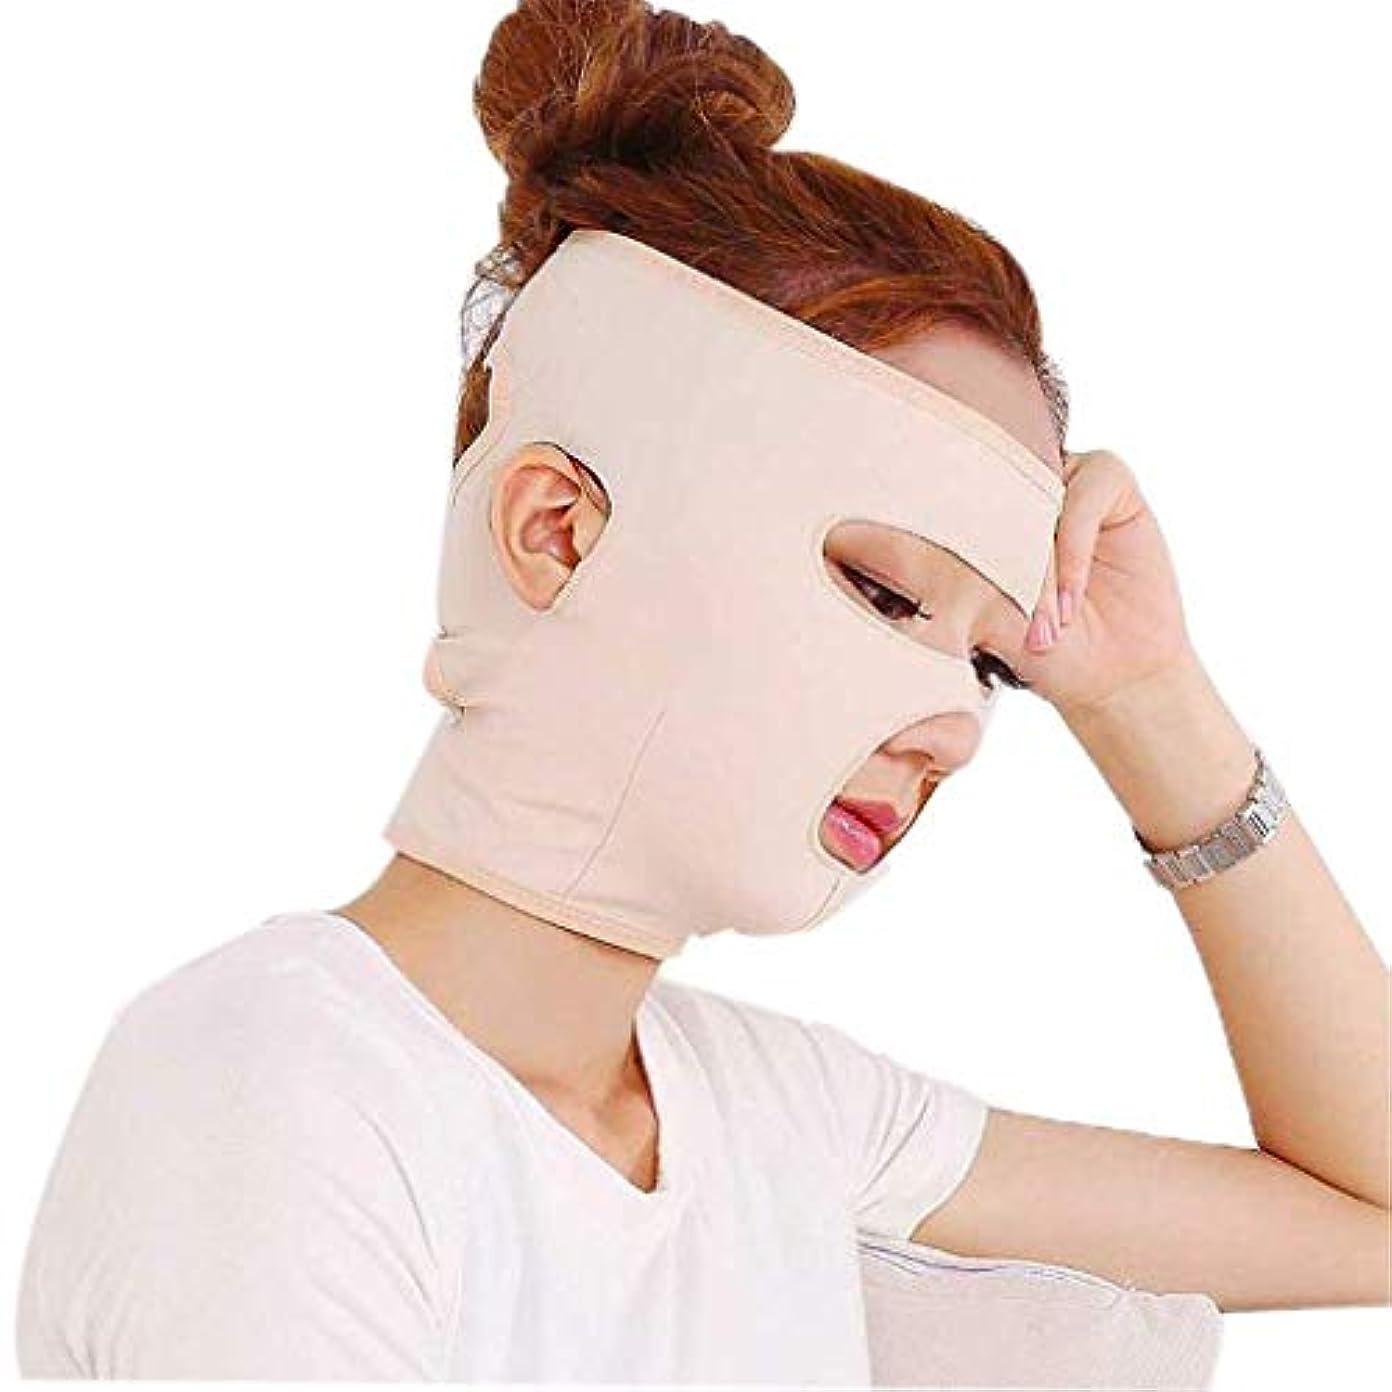 二次ブロック復讐フェイスリフティングマスク、フルフェイス通気性の術後回復包帯リフティング引き締め肌の減少により小さなVフェイスマスクを作成(サイズ:L)